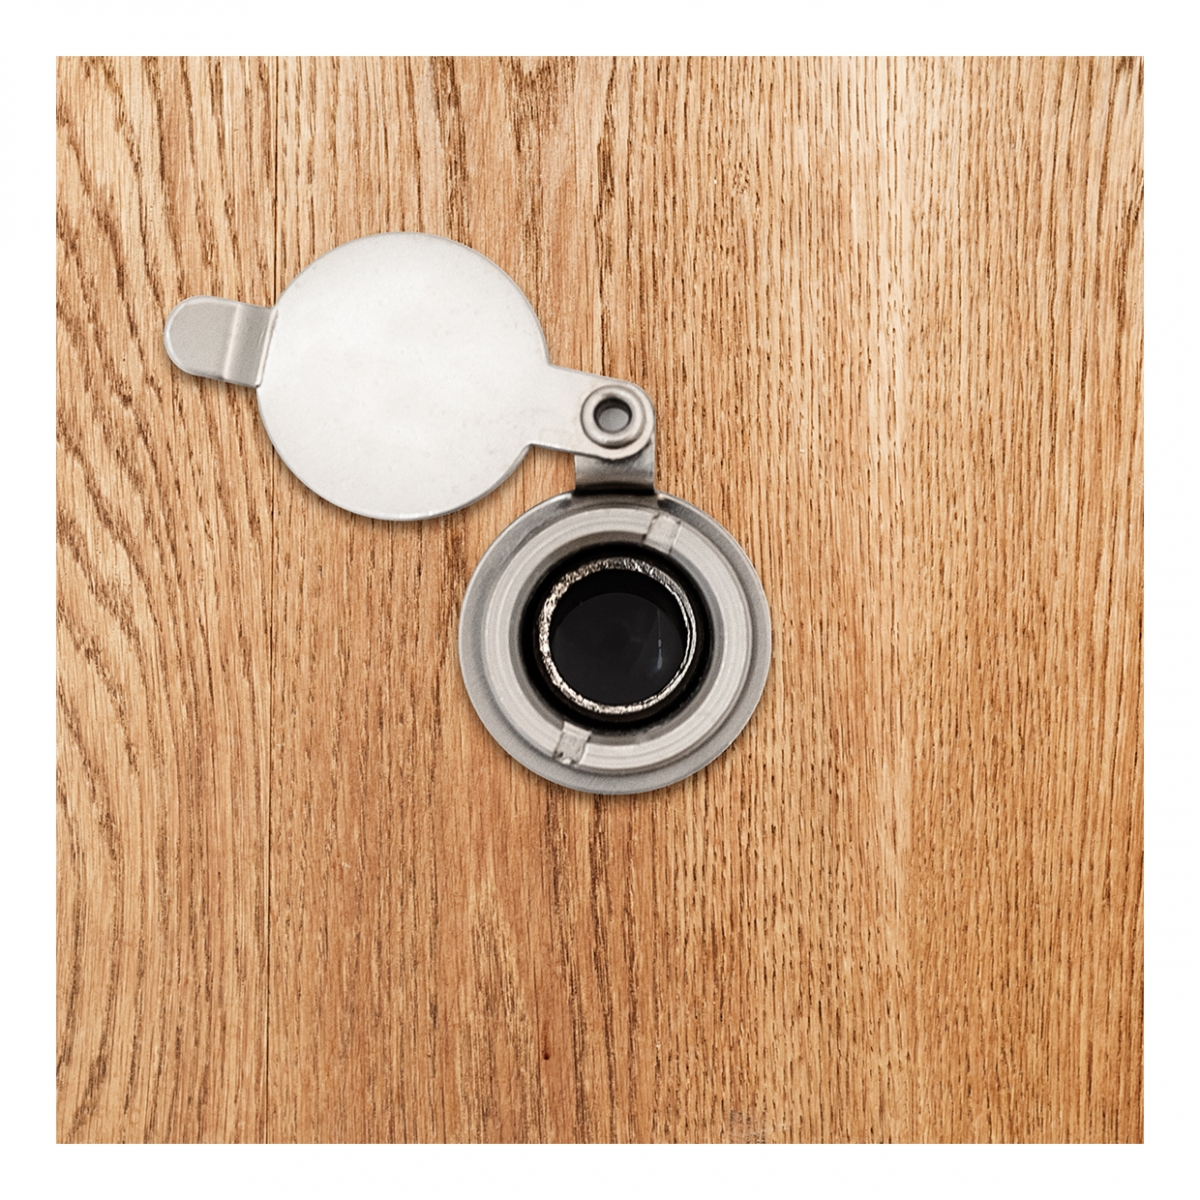 Imagen en la que se ve la mirilla de una puerta